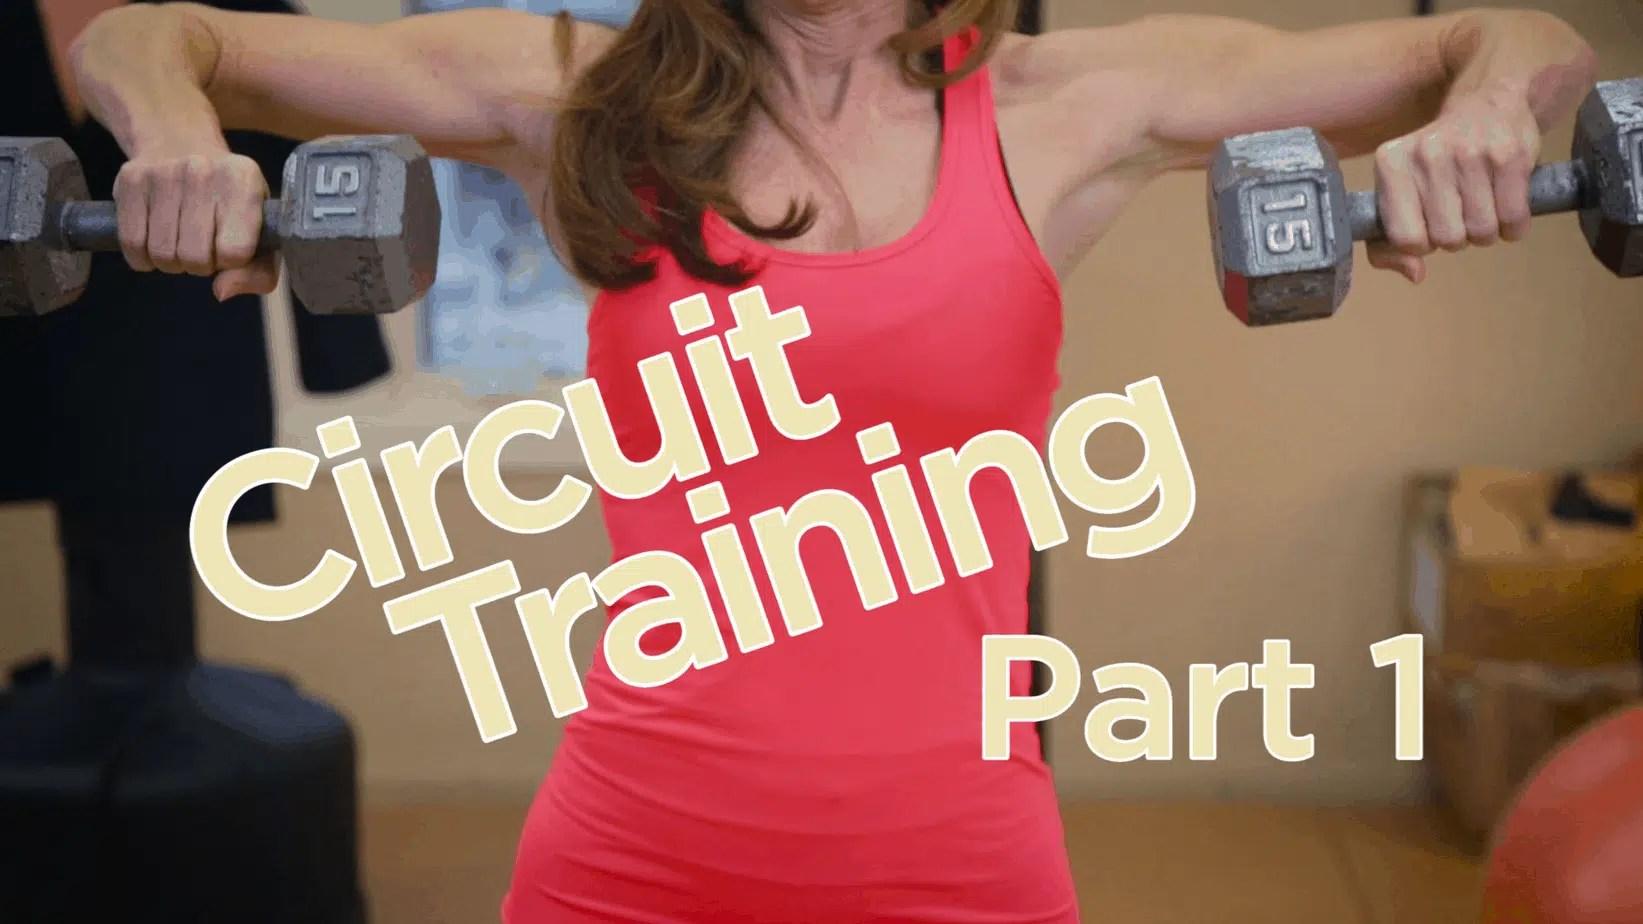 Circuit Training Part 1